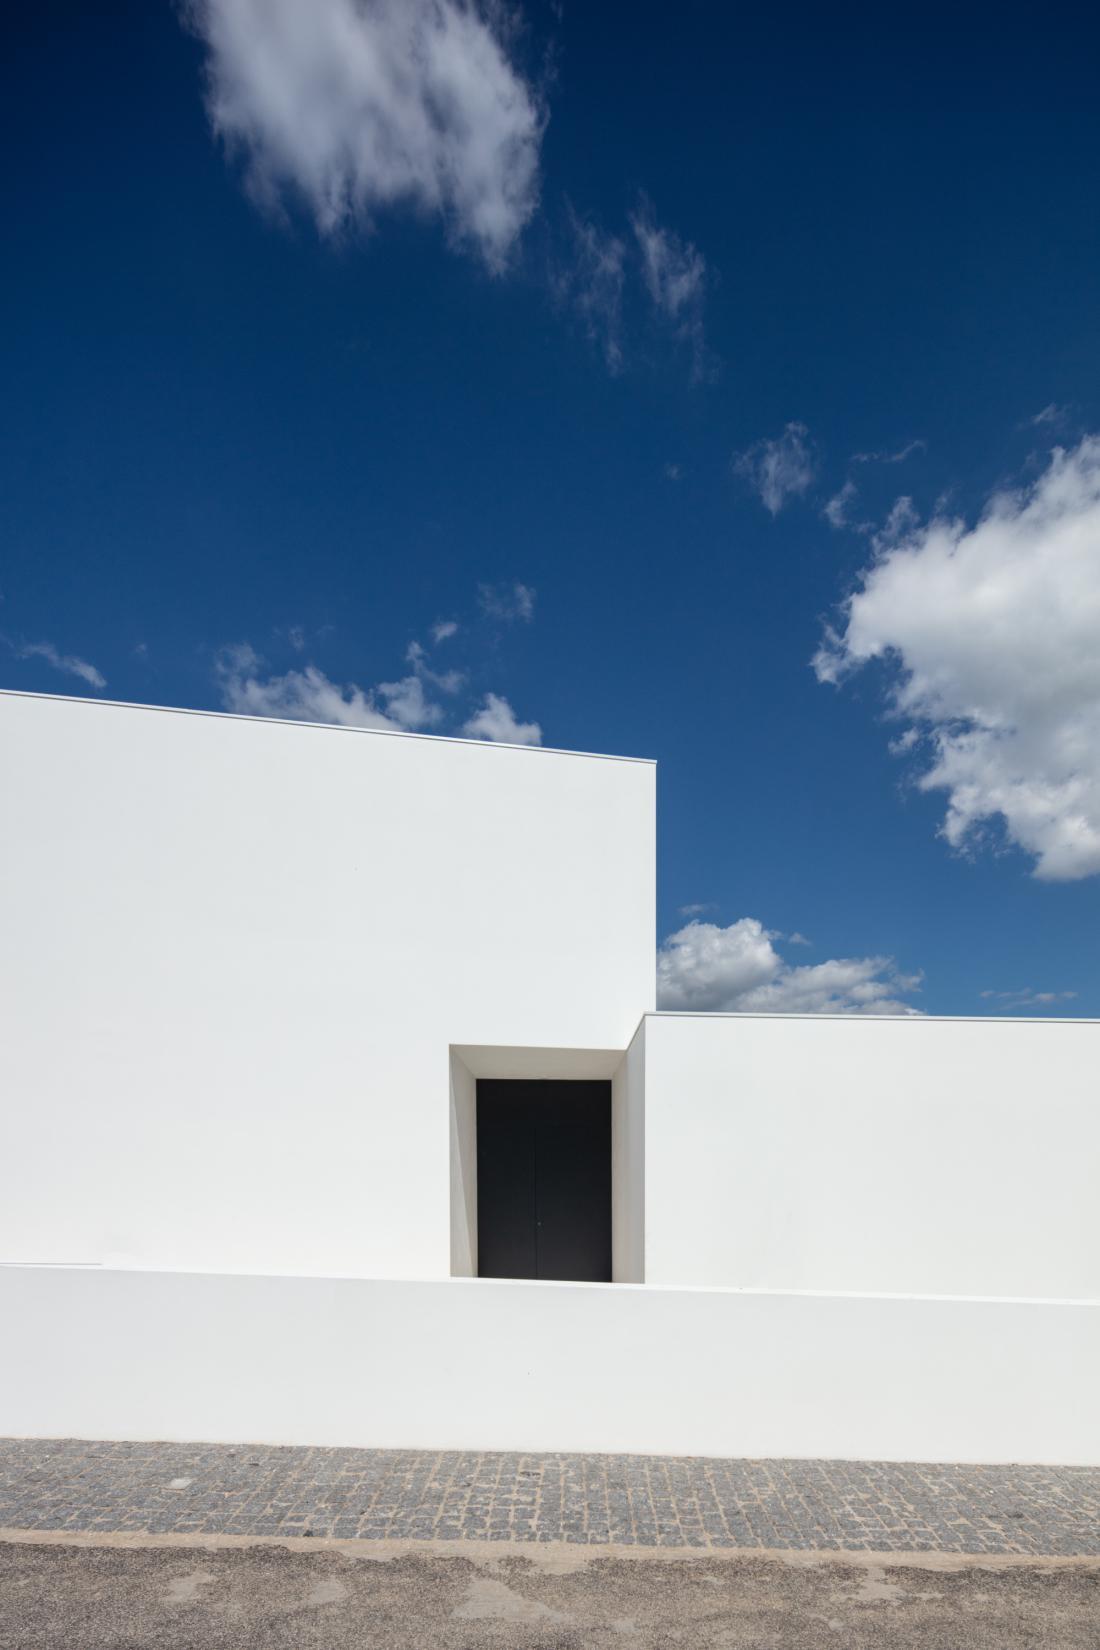 Ob cesti je hiša brez oken. Belo površino fasade prekinjajo le temna vhodna vrata.